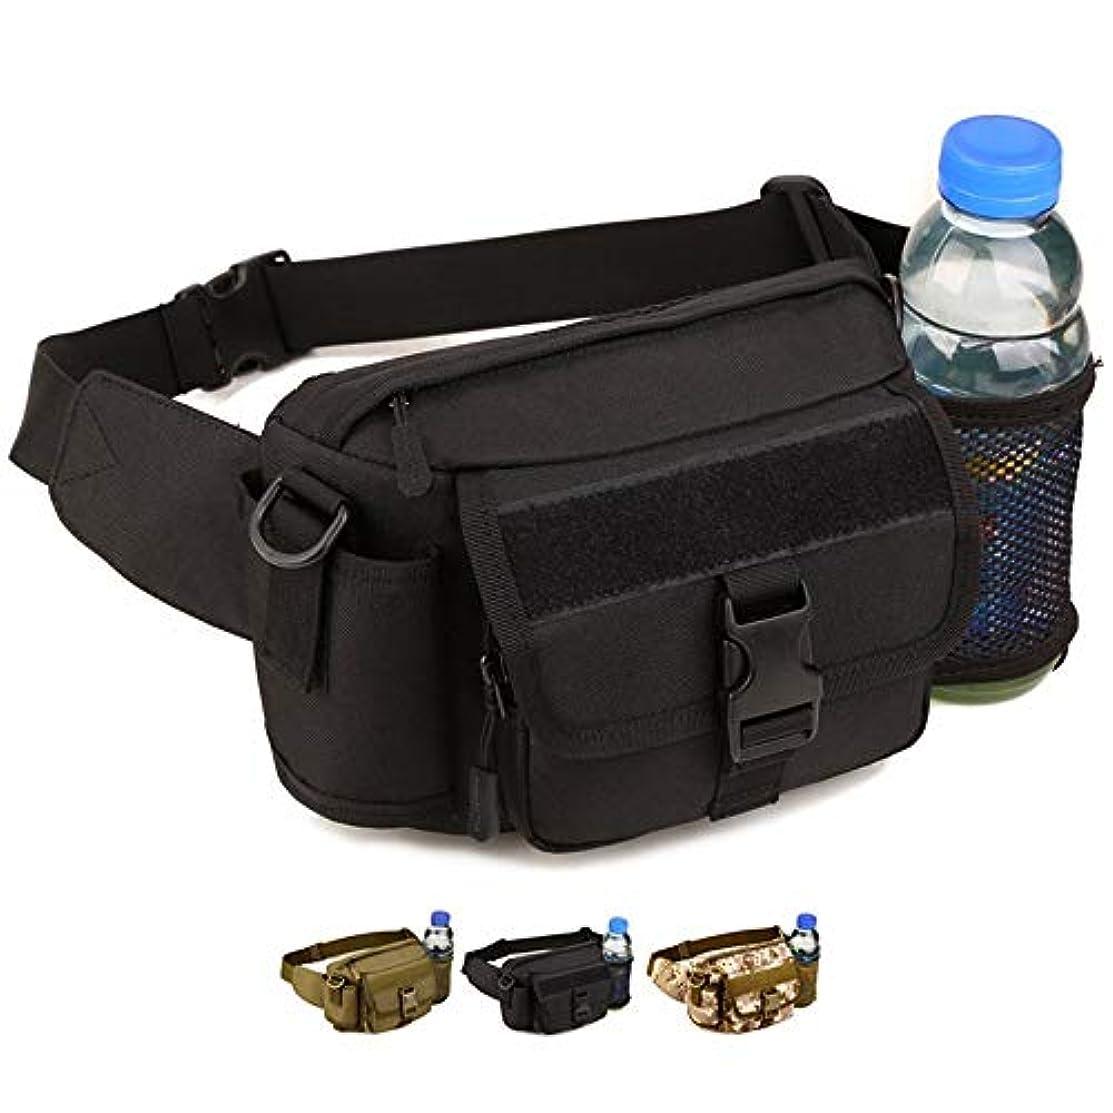 真っ逆さま公式ヒットWOTOW Multi Functional Waist Pack, Military Single Shoulder Hip Belt Bag Fanny Packs Water Resistant Waist Bag Pouch Hiking Climbing Outdoor Bumbag with Water Bottle Pocket Holder (Black) [並行輸入品]